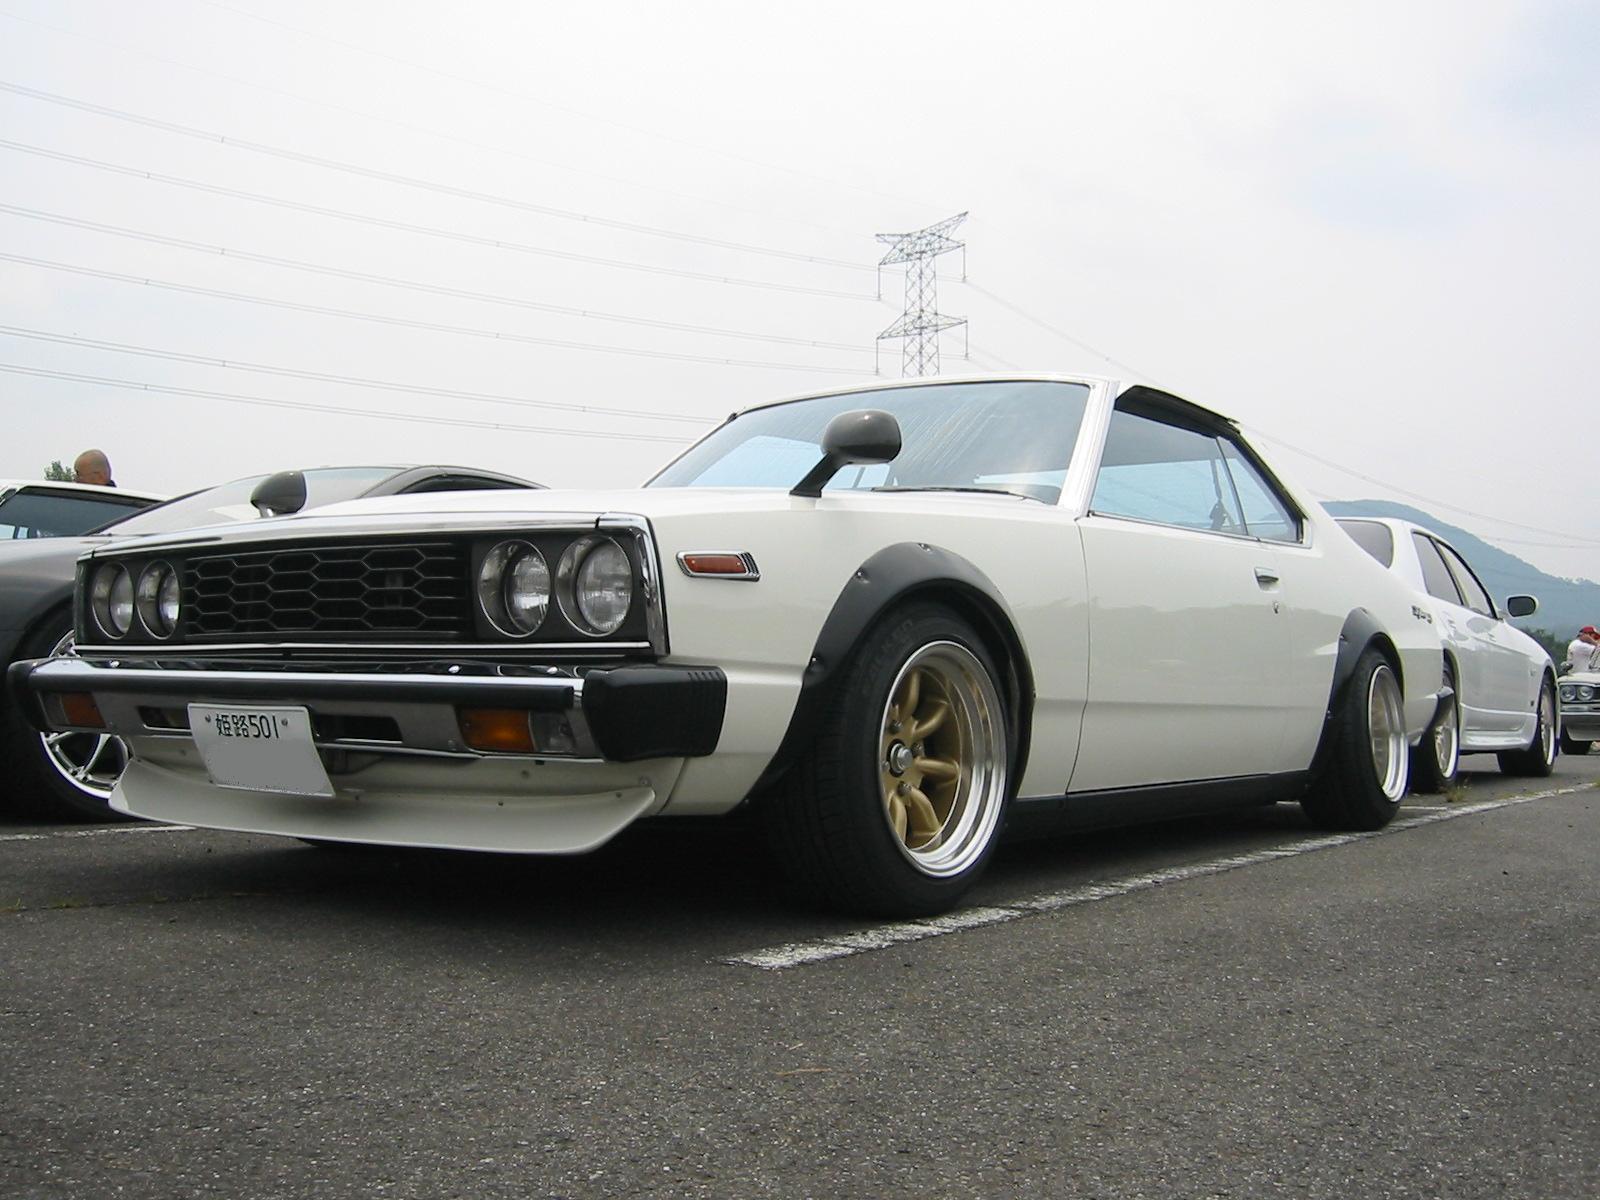 Kyusha style Skyline C210